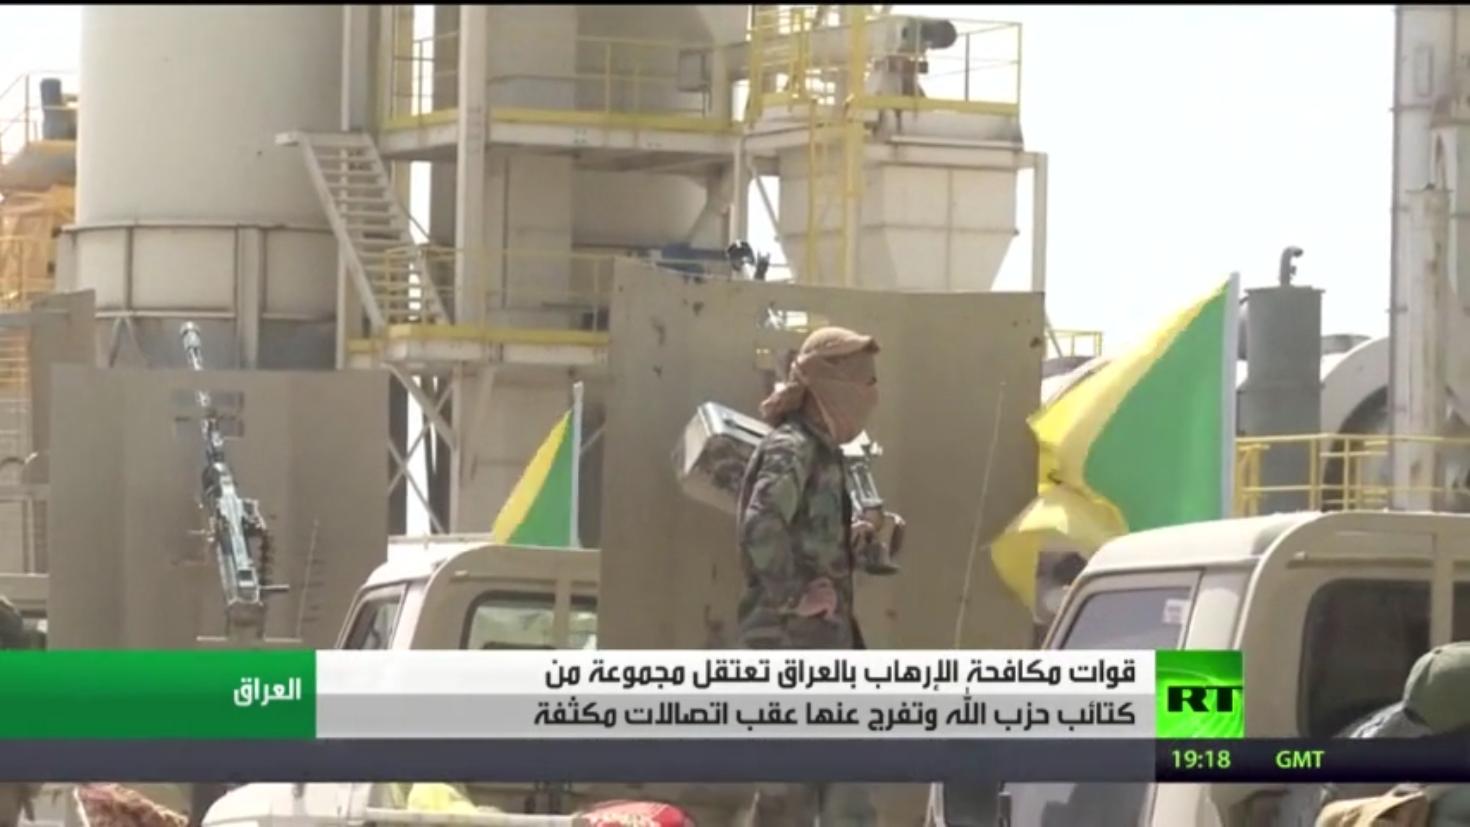 العراق.. تحذير من صراع بين الأجهزة الأمنية